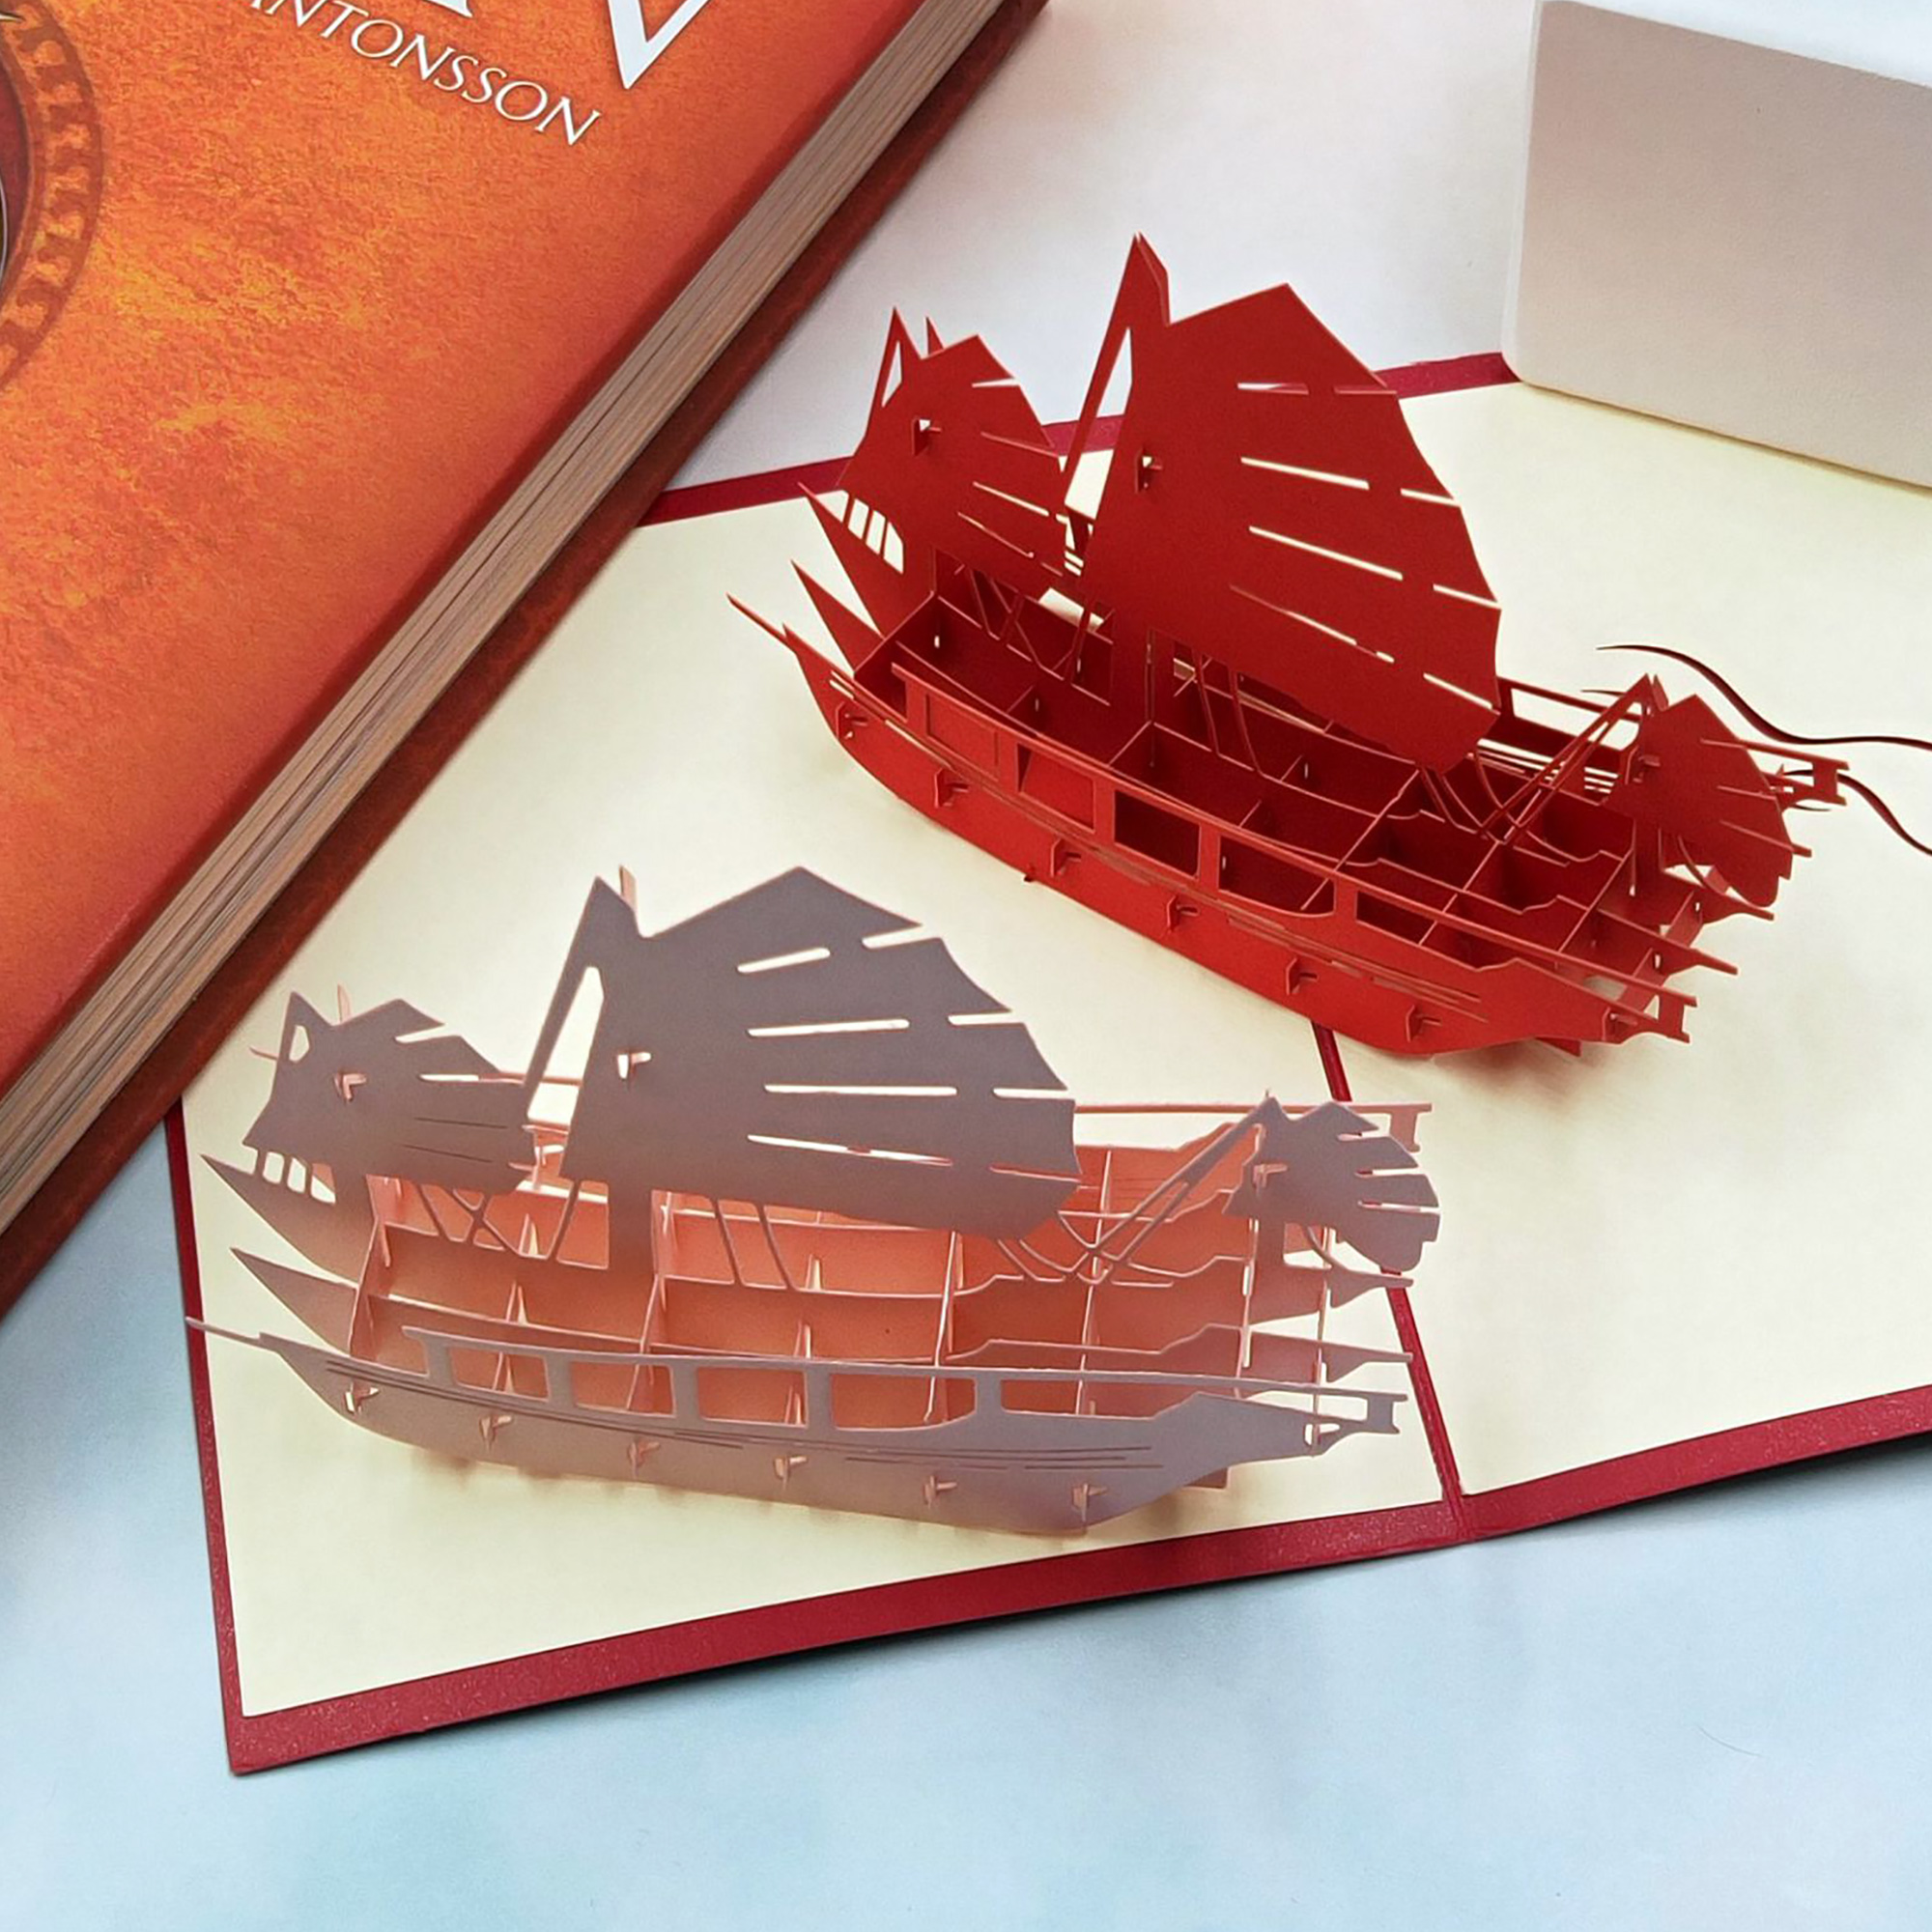 Troqueles de corte de Metal 3D DIY de velero para álbum de recortes, fabricación de tarjetas, troqueles de velero en relieve